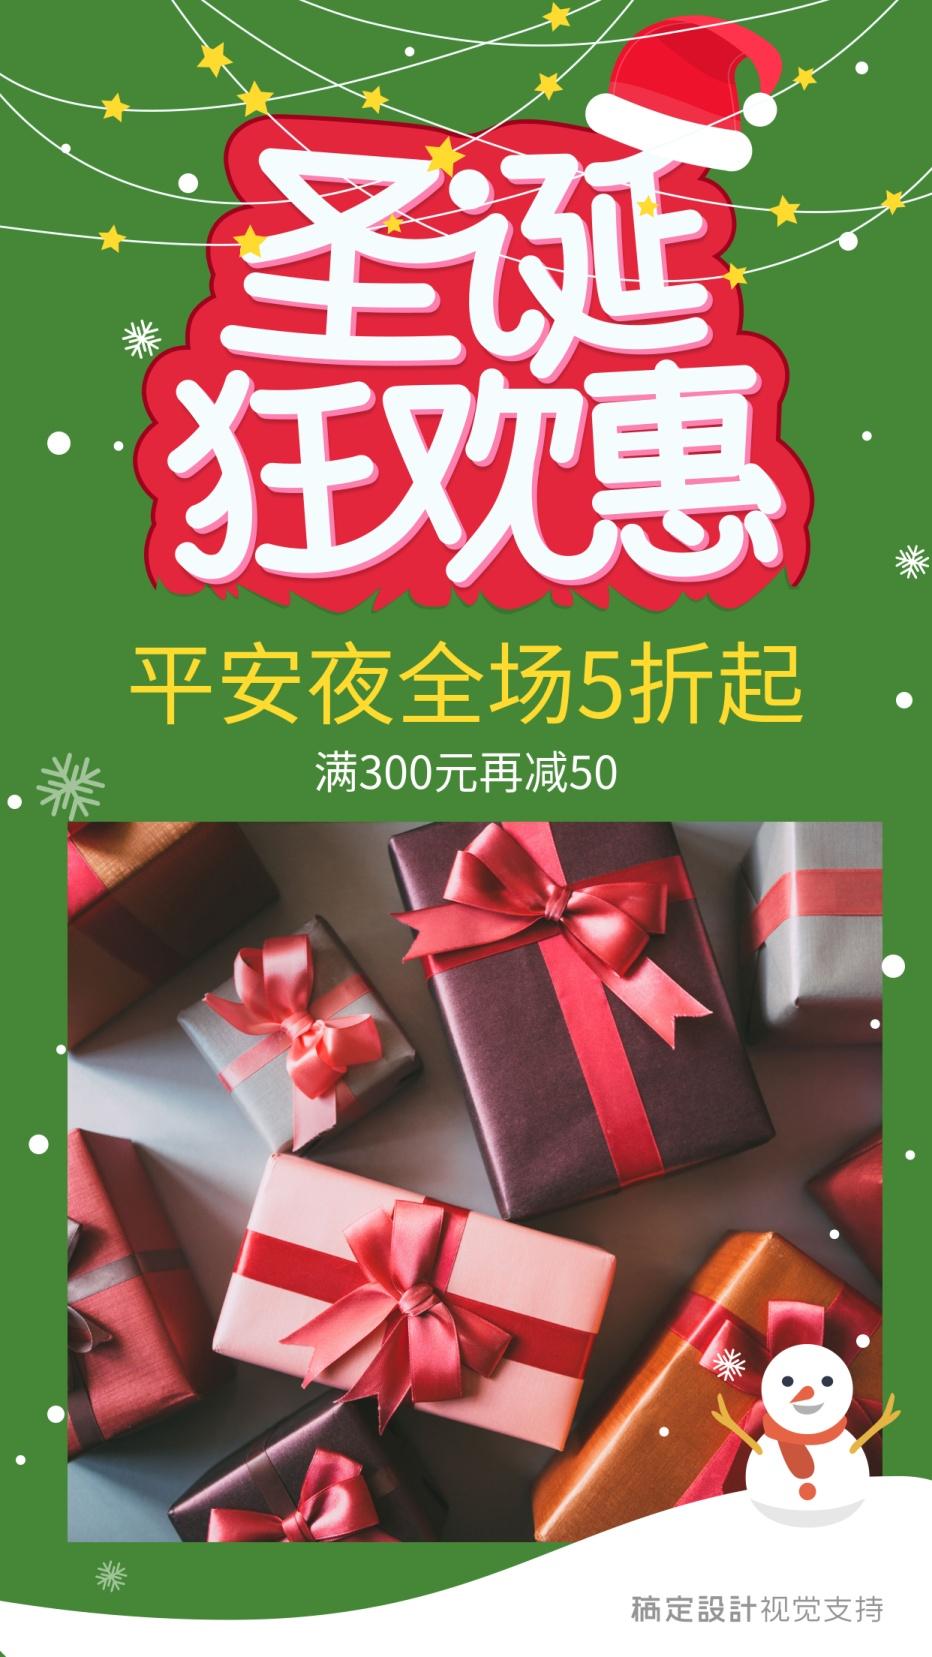 圣诞狂欢惠打折手机海报